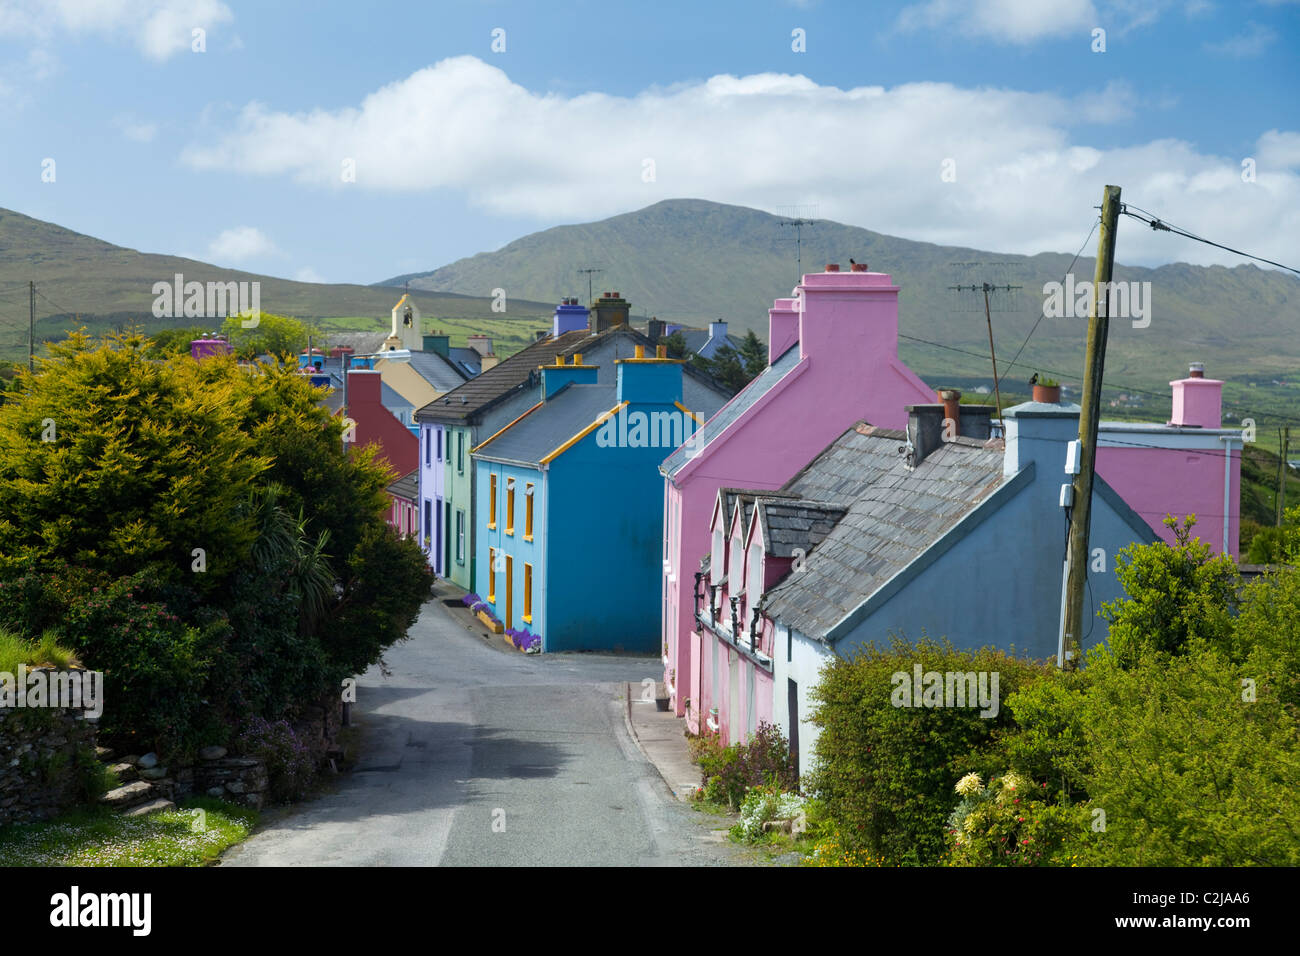 Les maisons aux couleurs vives de Eyeries village, Péninsule de Beara, comté de Cork, Irlande. Photo Stock